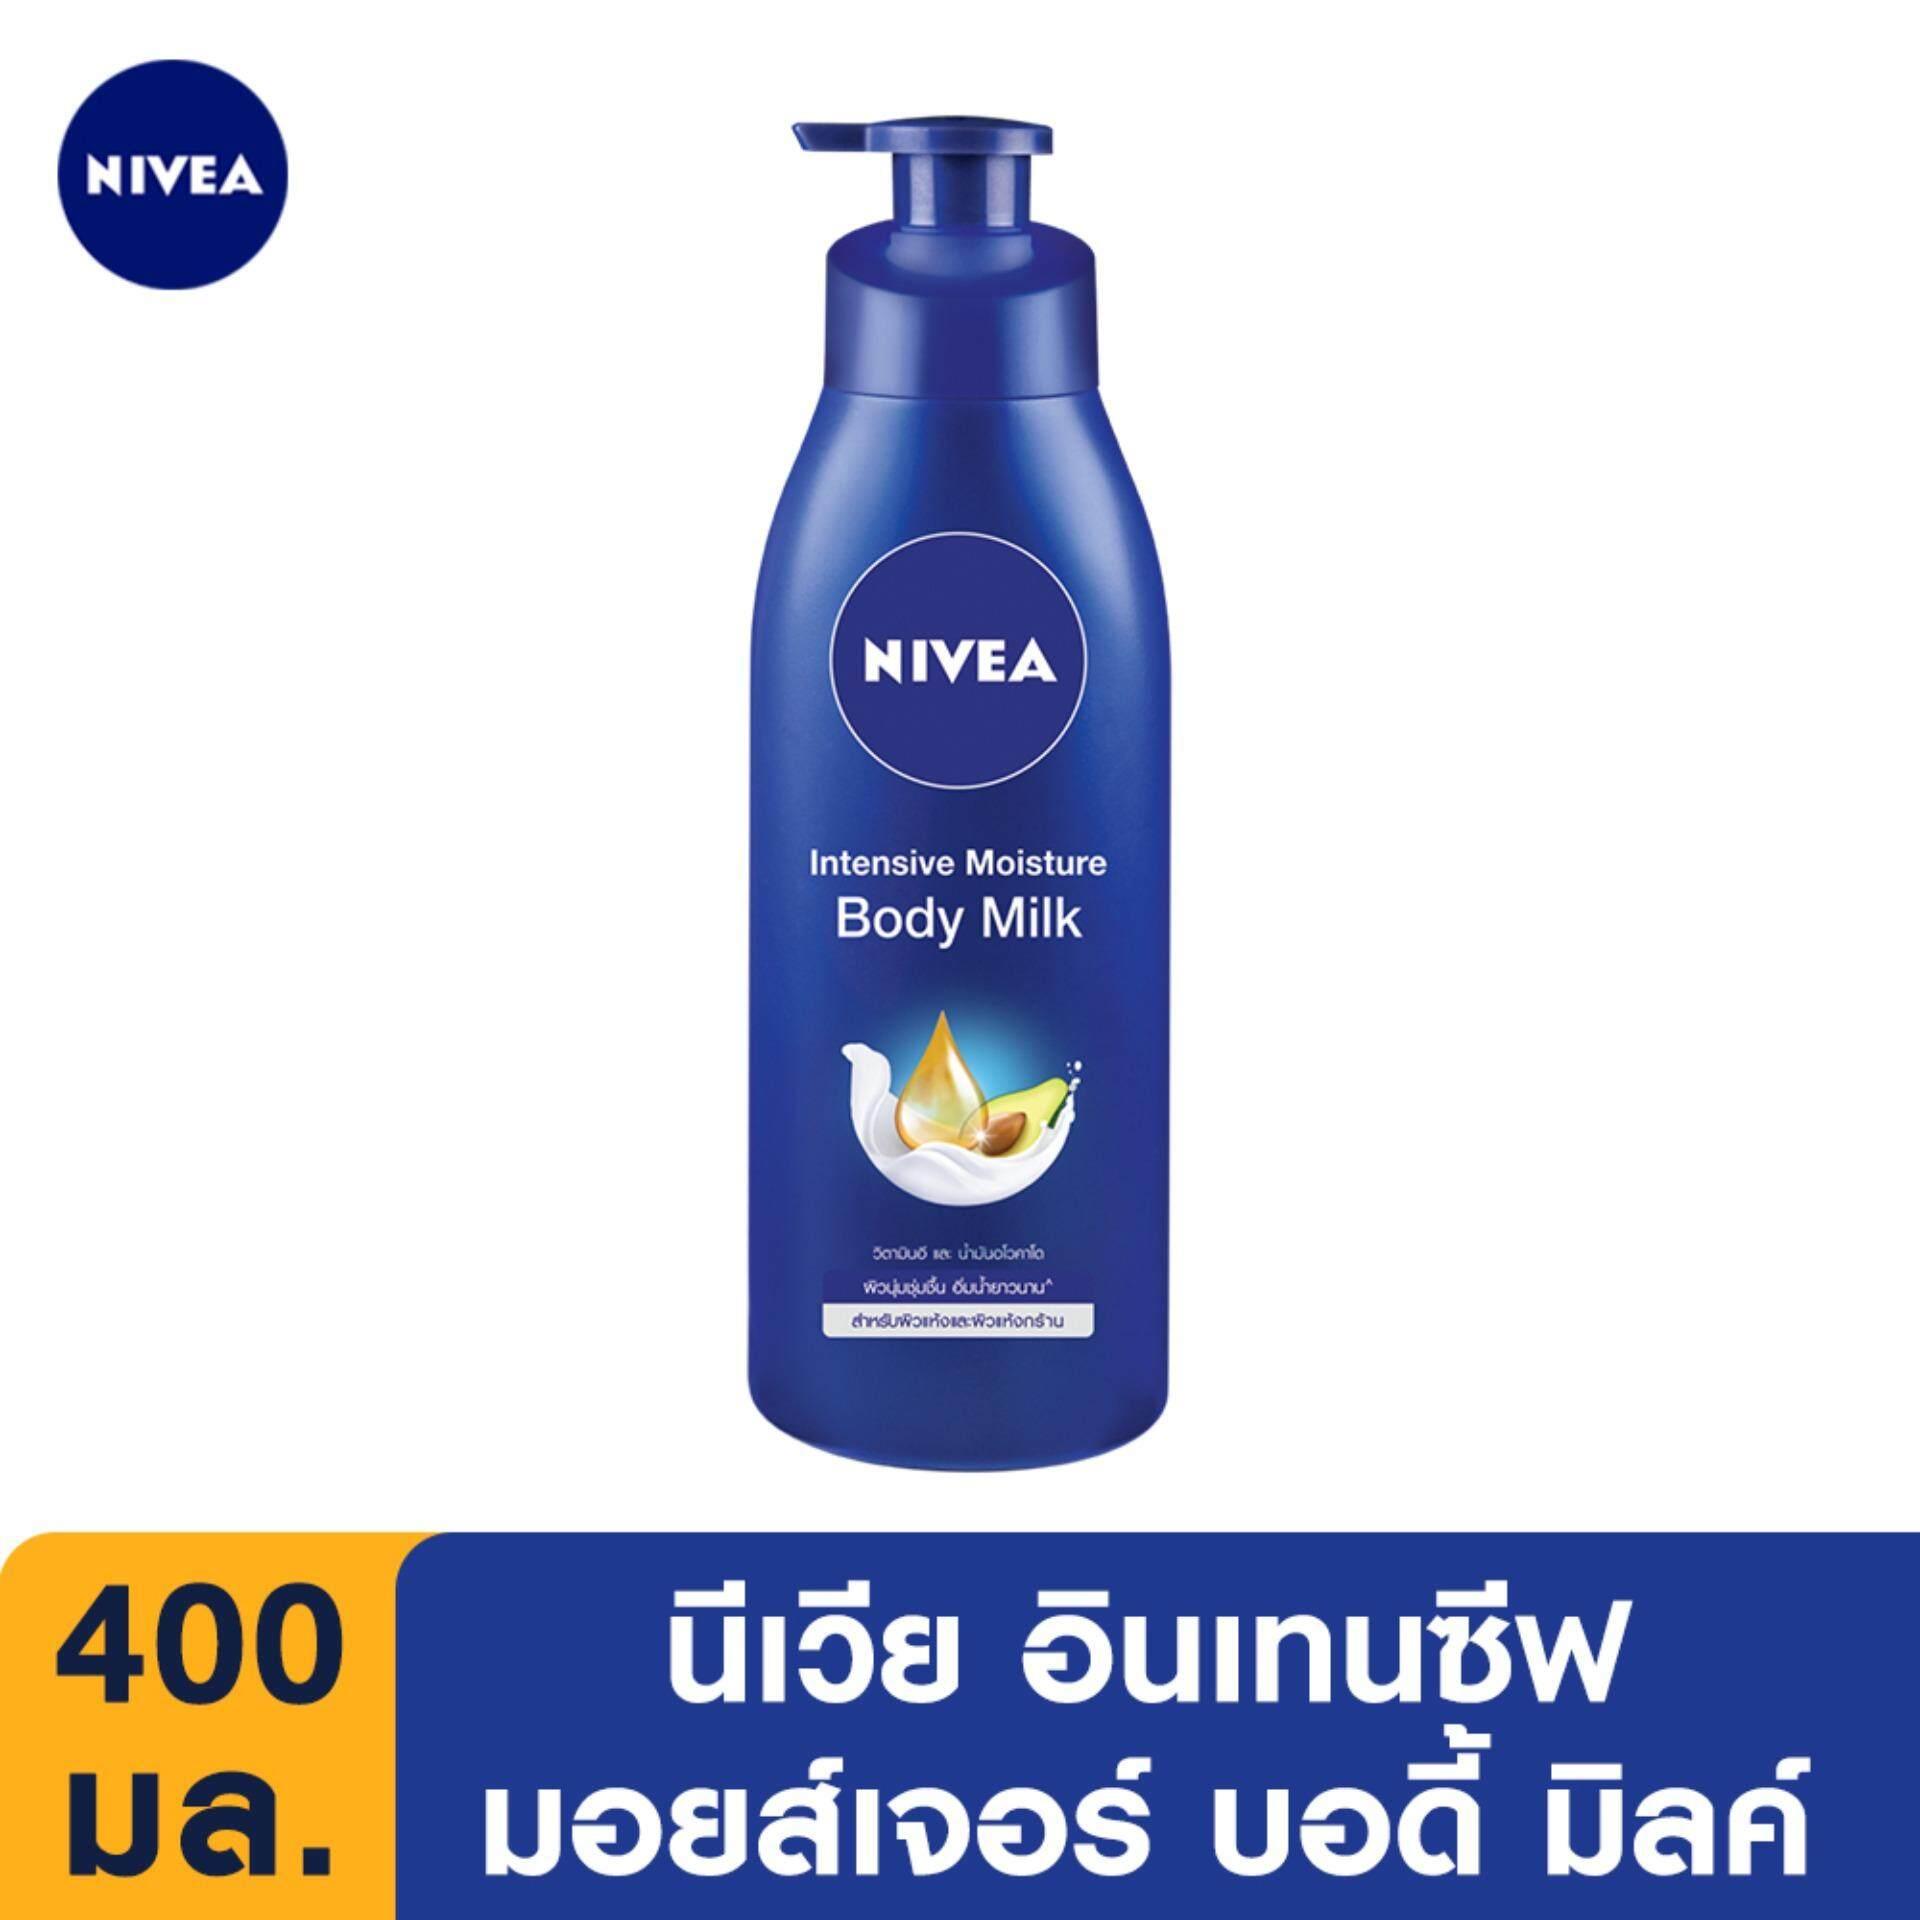 ราคา นีเวีย อินเทนซีฟ มอยส์เจอร์ บอดี้ มิลค์ 600 มล Nivea Intensive Moisture Body Milk 600 Ml สมุทรปราการ